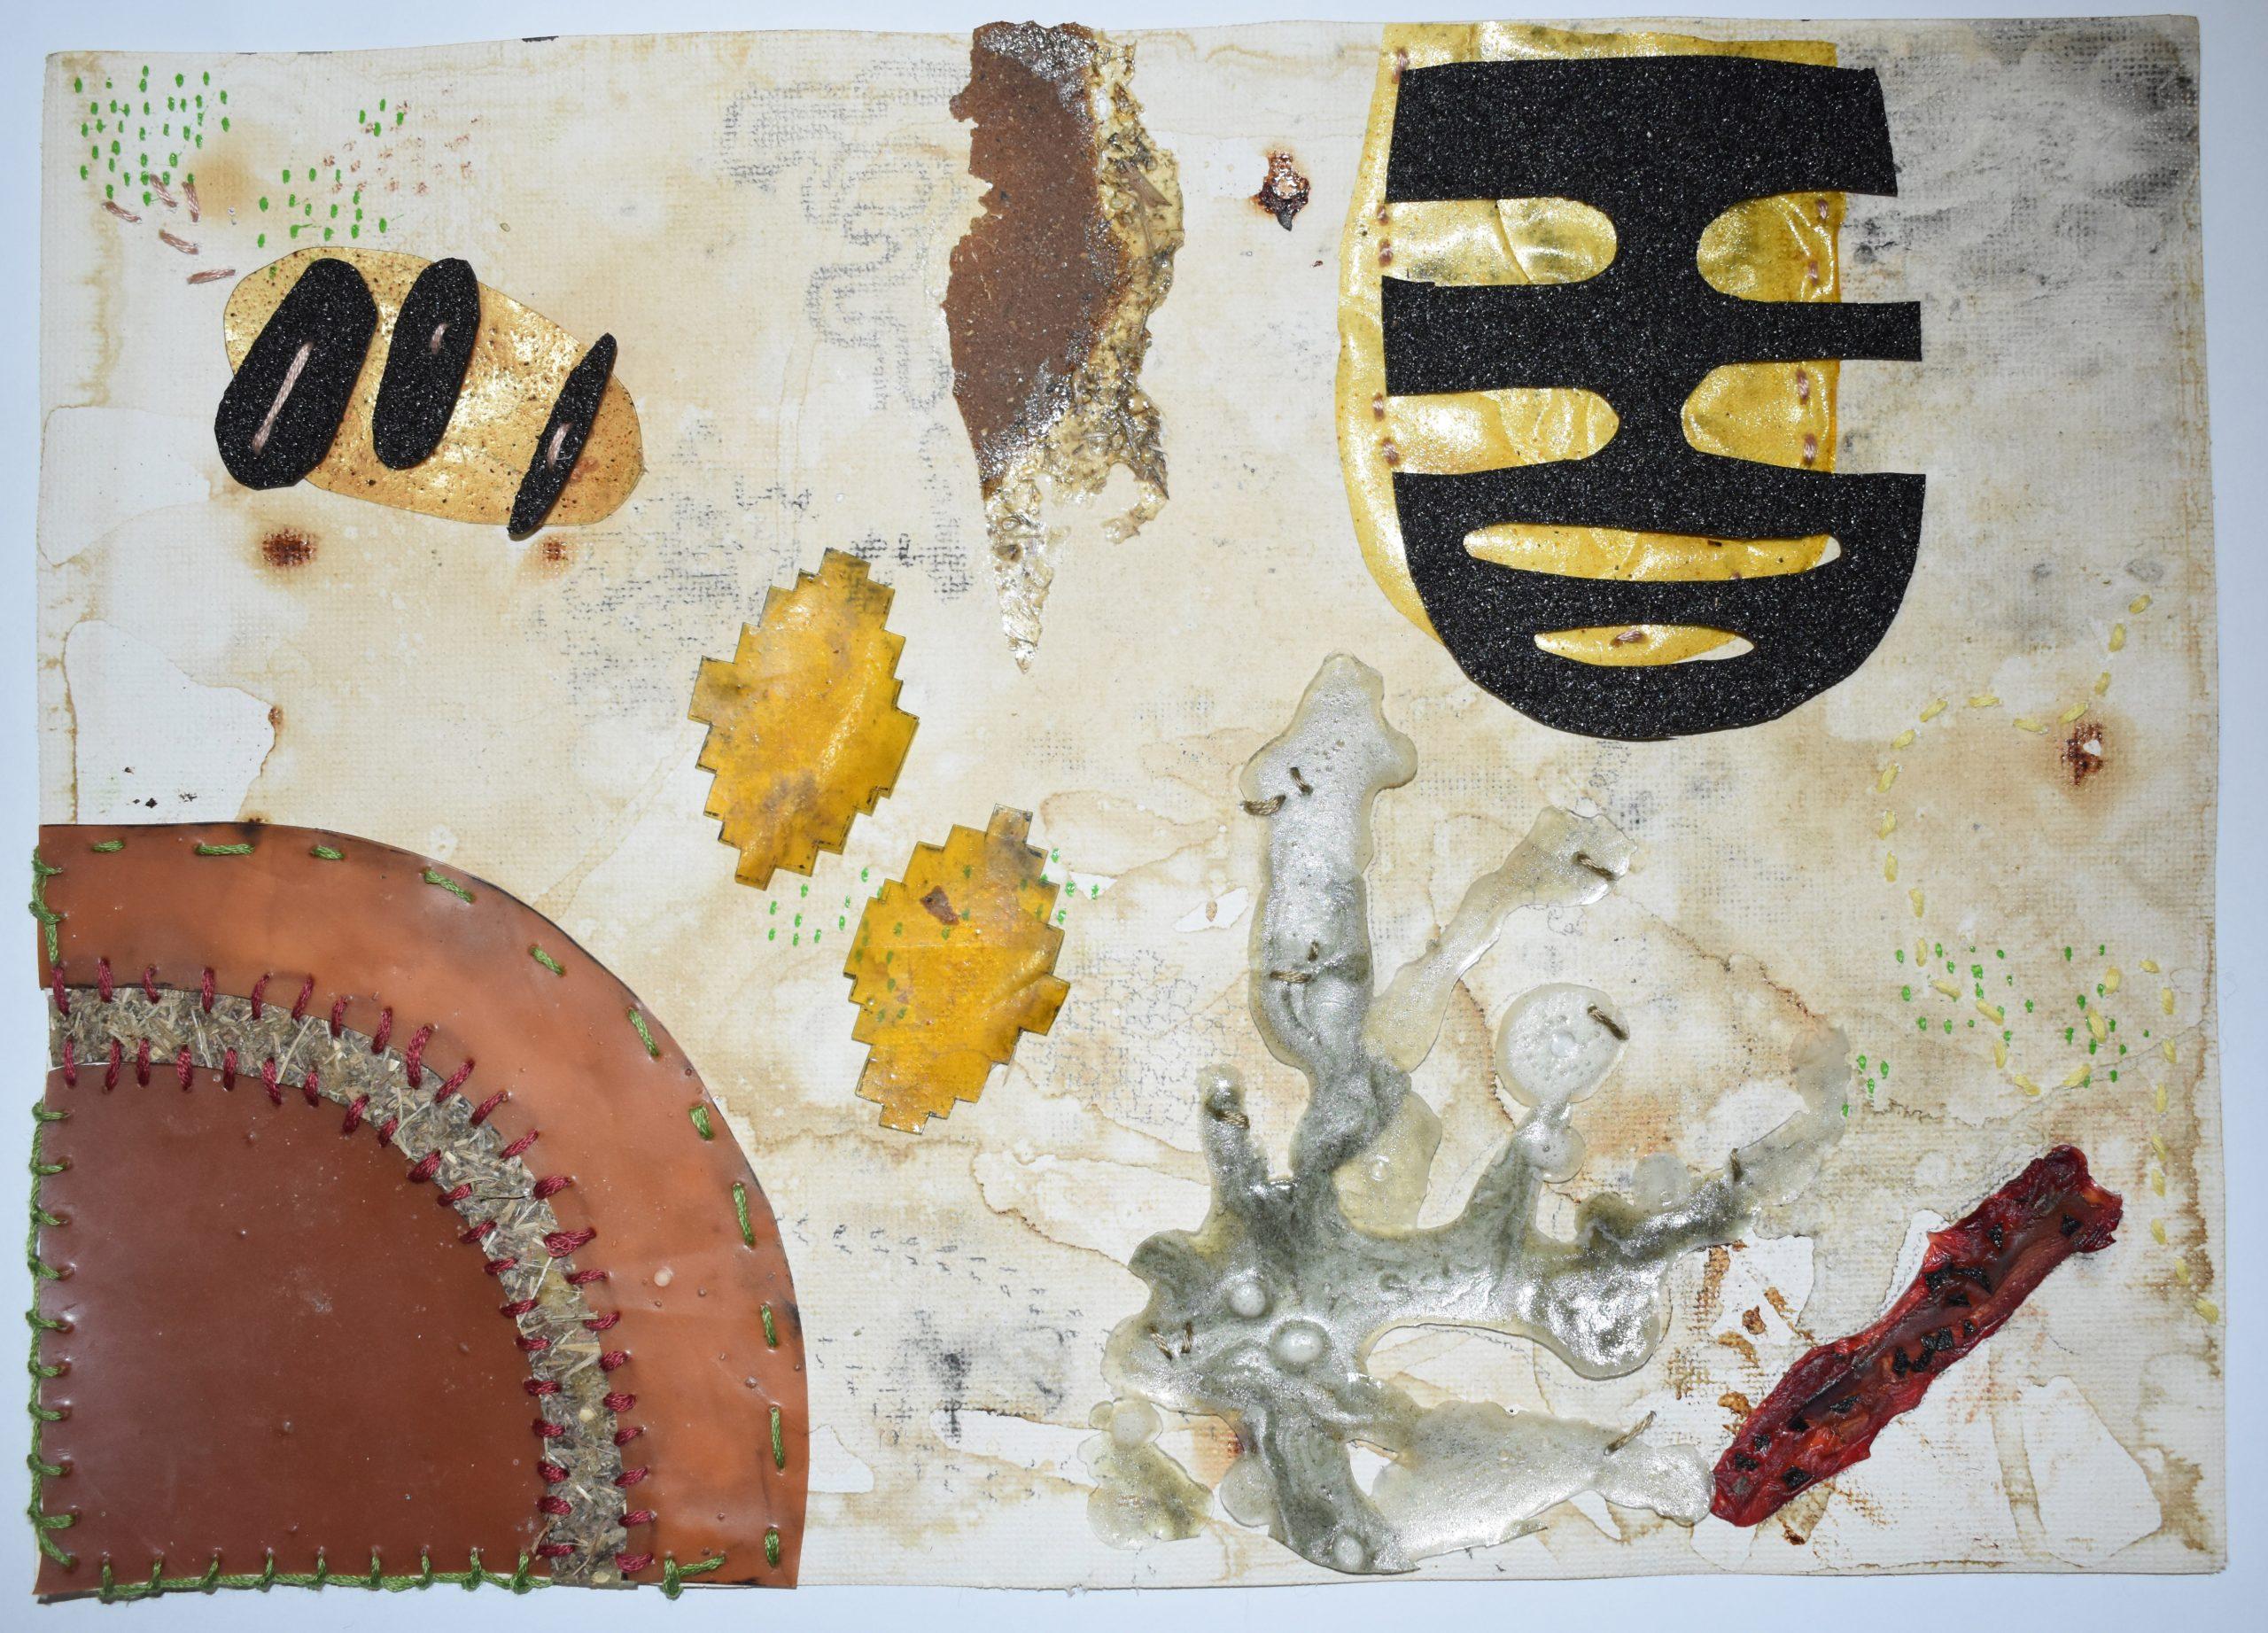 (101) Sophia Franks - Insecta Vita Image